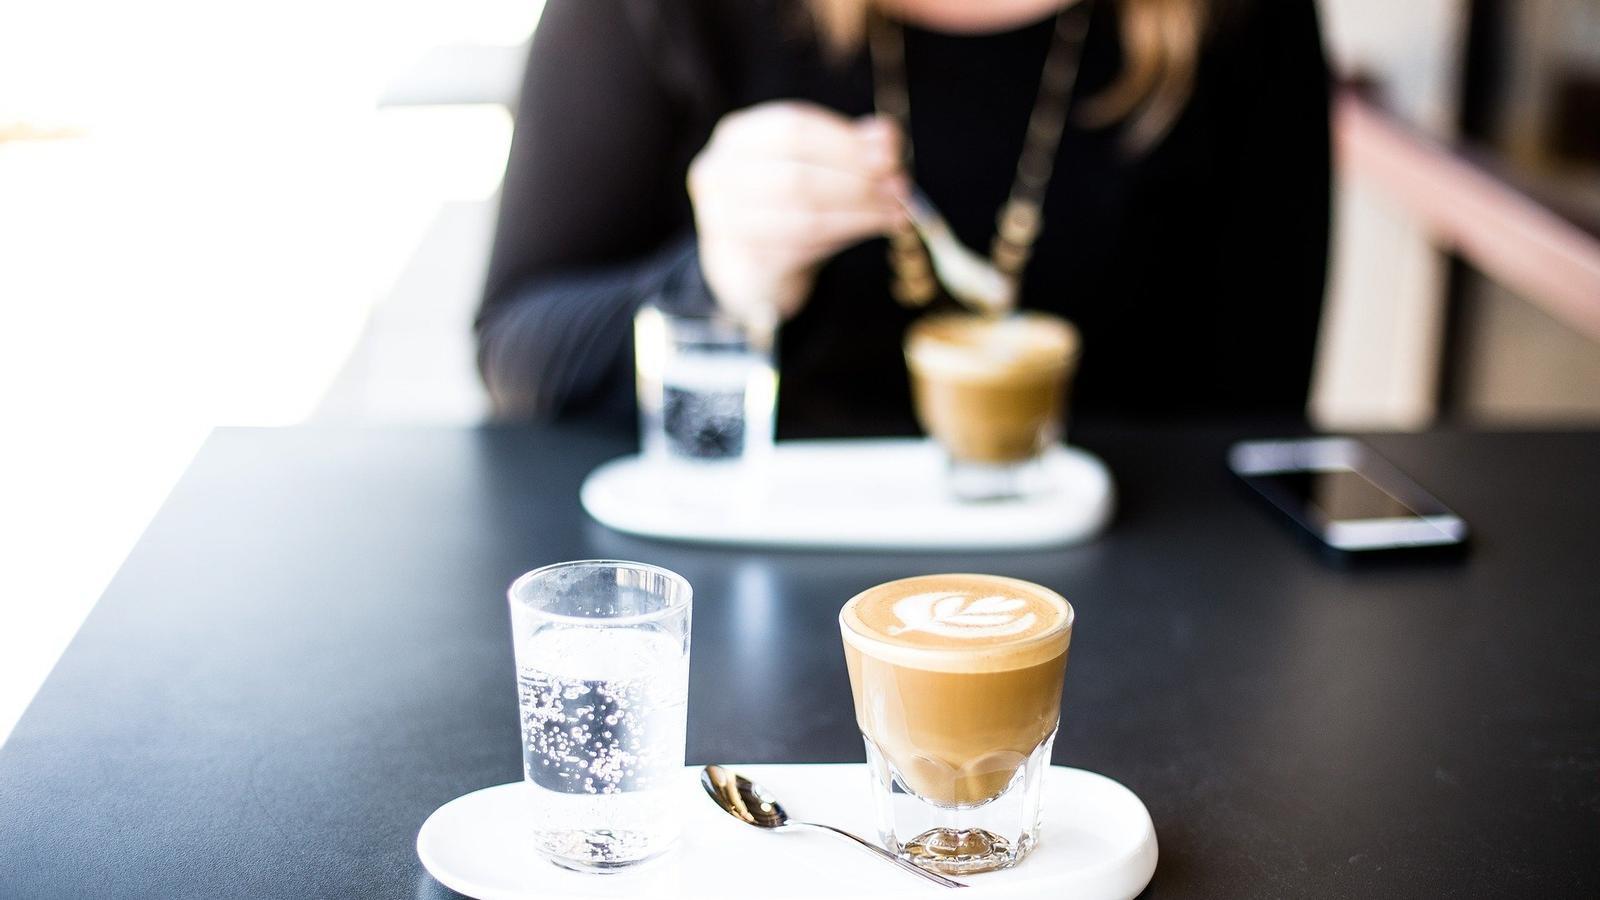 Una persona pren un cafè en un bar. / PIXABAY